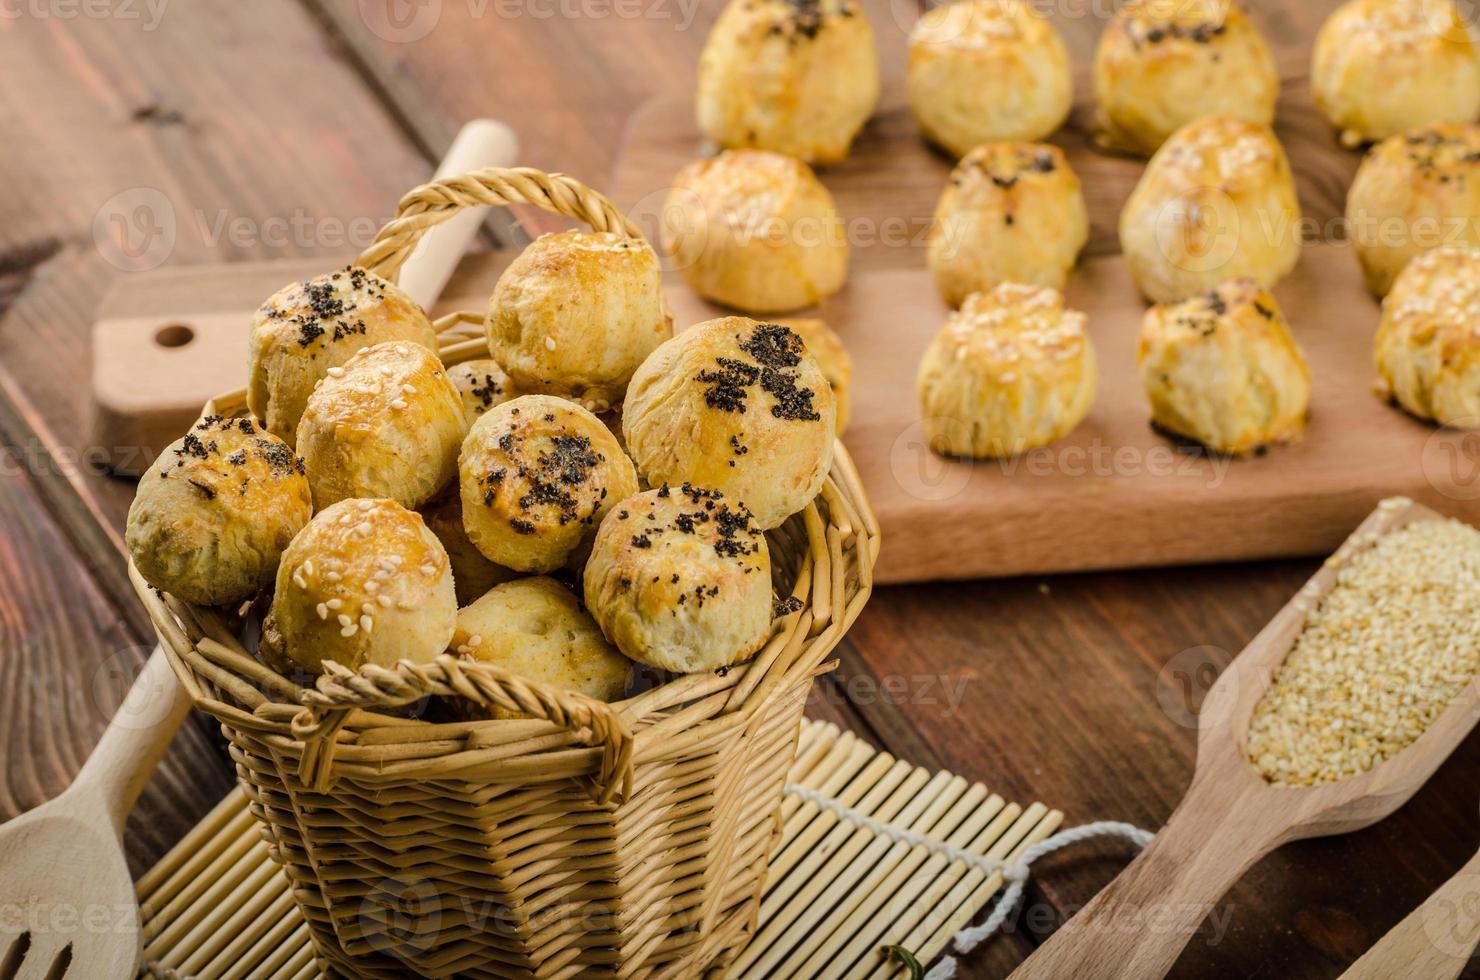 mordidas de queijo com alho e queijo azul foto